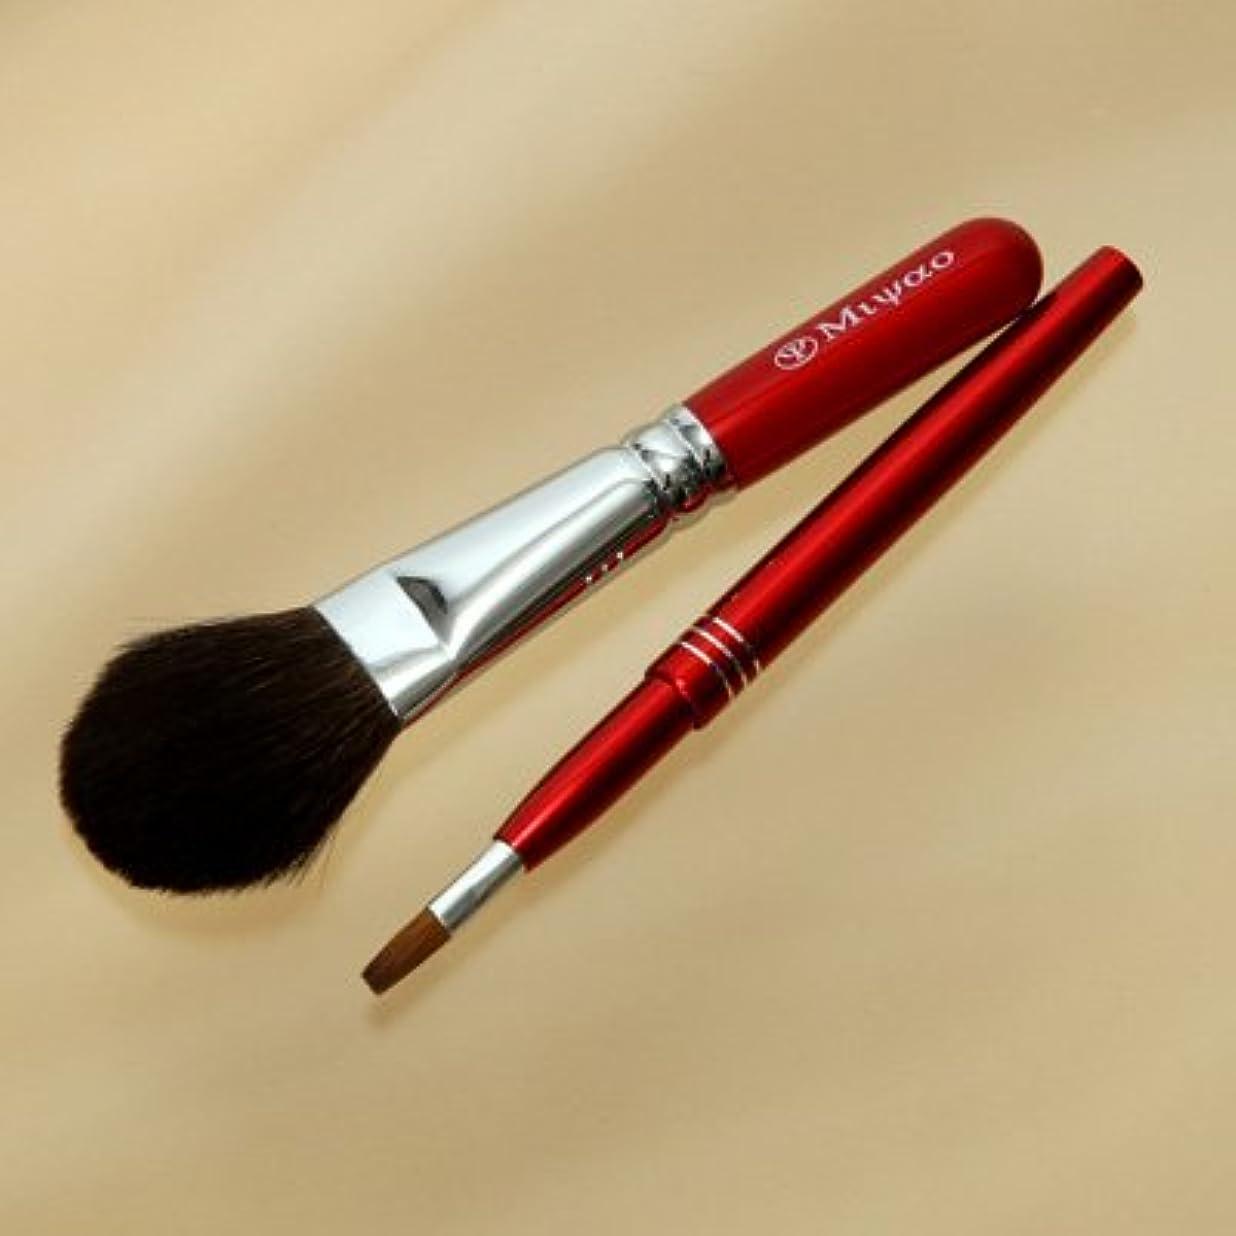 船尾犯人迷彩熊野化粧筆メイクブラシ2点セット [灰リス100%チークブラシ(S)&携帯リップブラシ]レッドパール